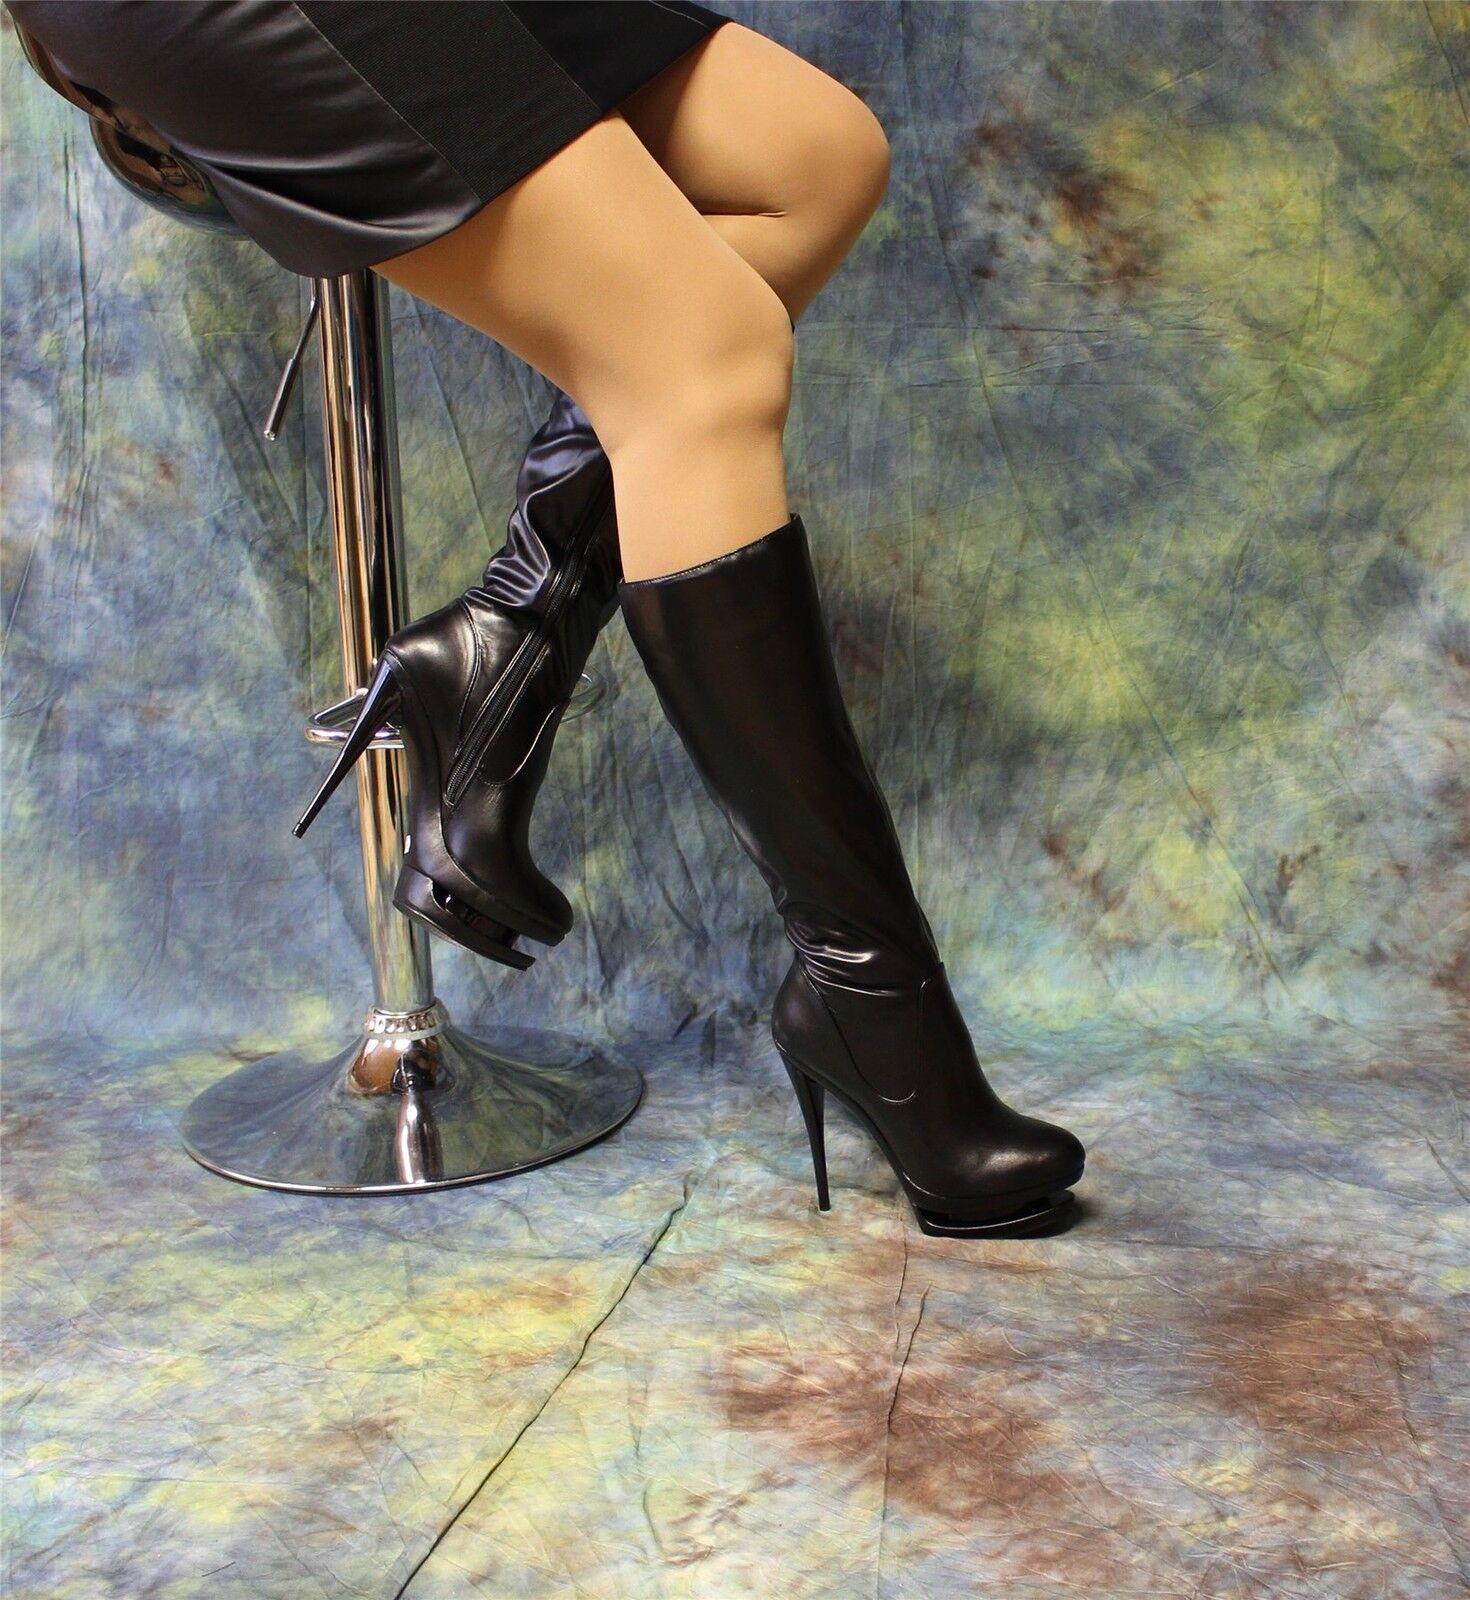 sexy schwarze Stilettostiefel mit Doppeplateau